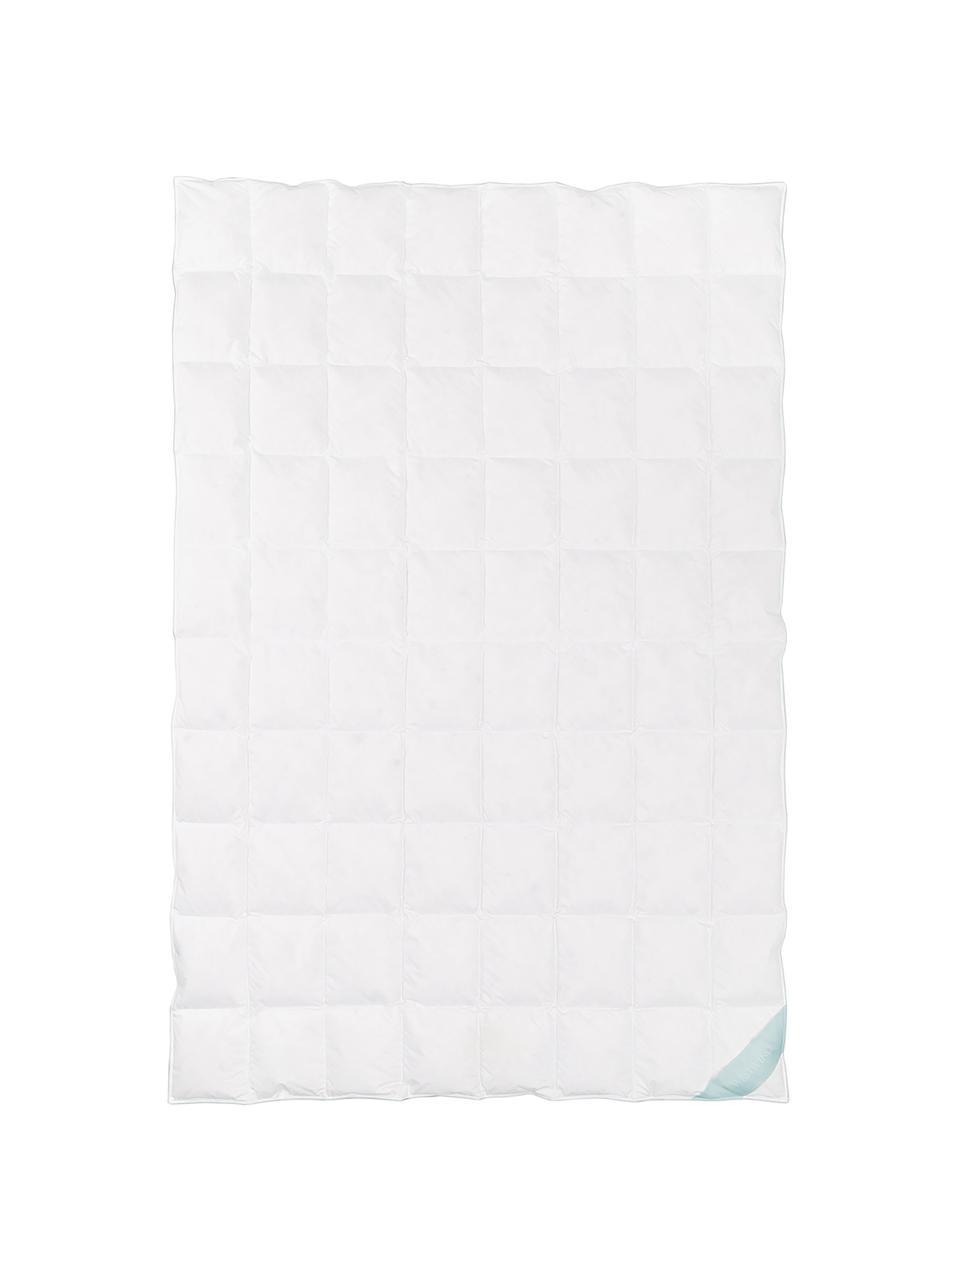 Daunen-Bettdecke Comfort, extra leicht, Hülle: 100% Baumwolle, feine Mak, extra leicht, 135 x 200 cm